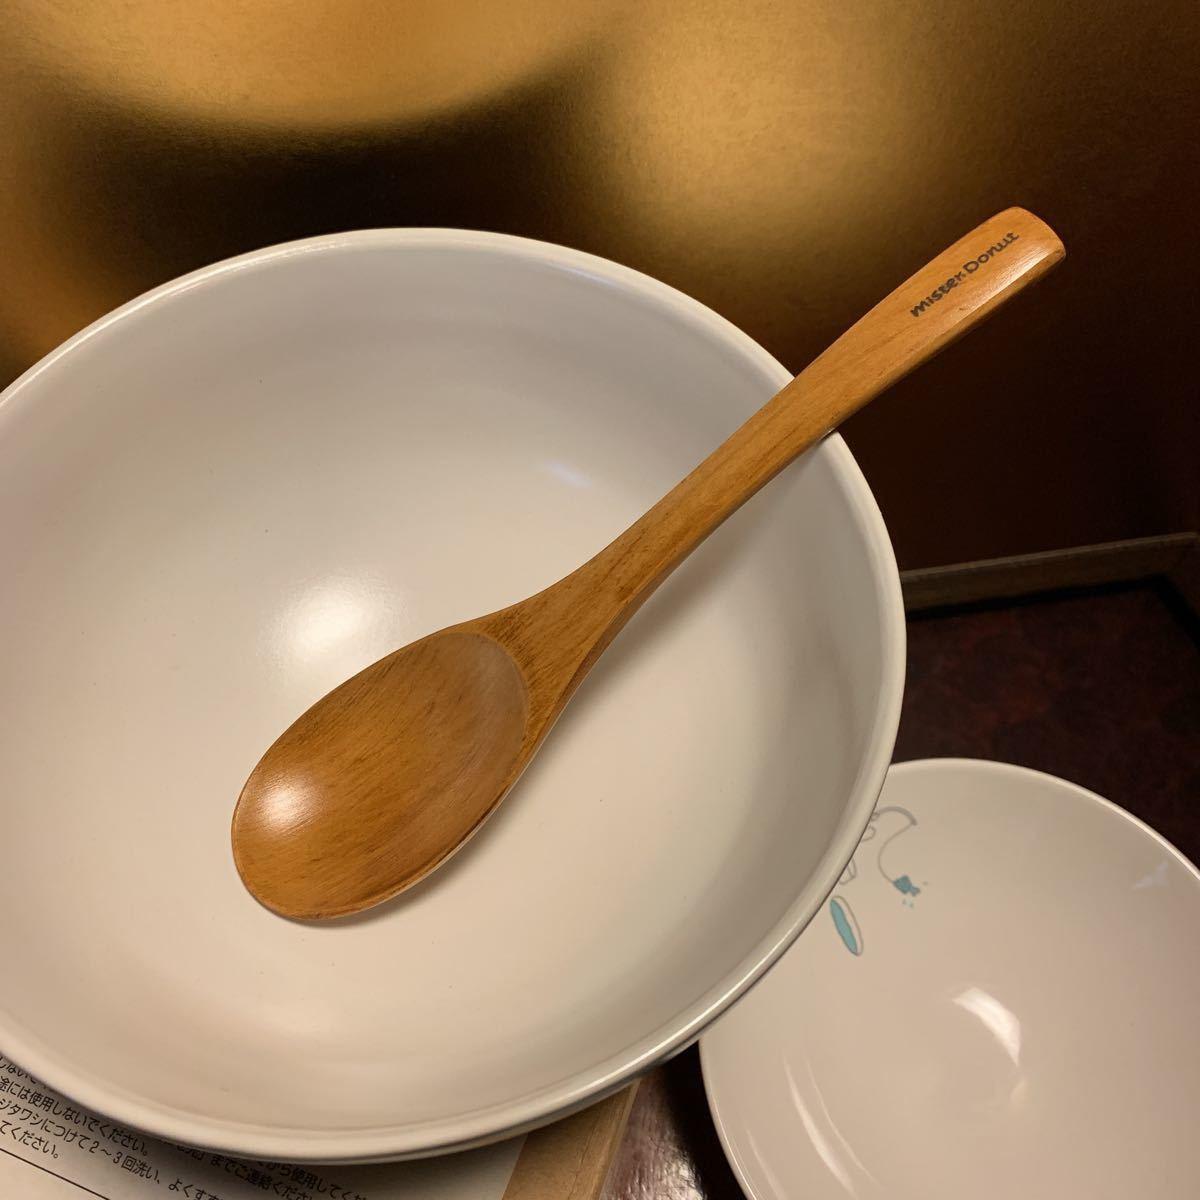 ミスタードーナツ ドンブリ レンゲ 食器 まとめて ピングー 等 pingu ミスド_画像3